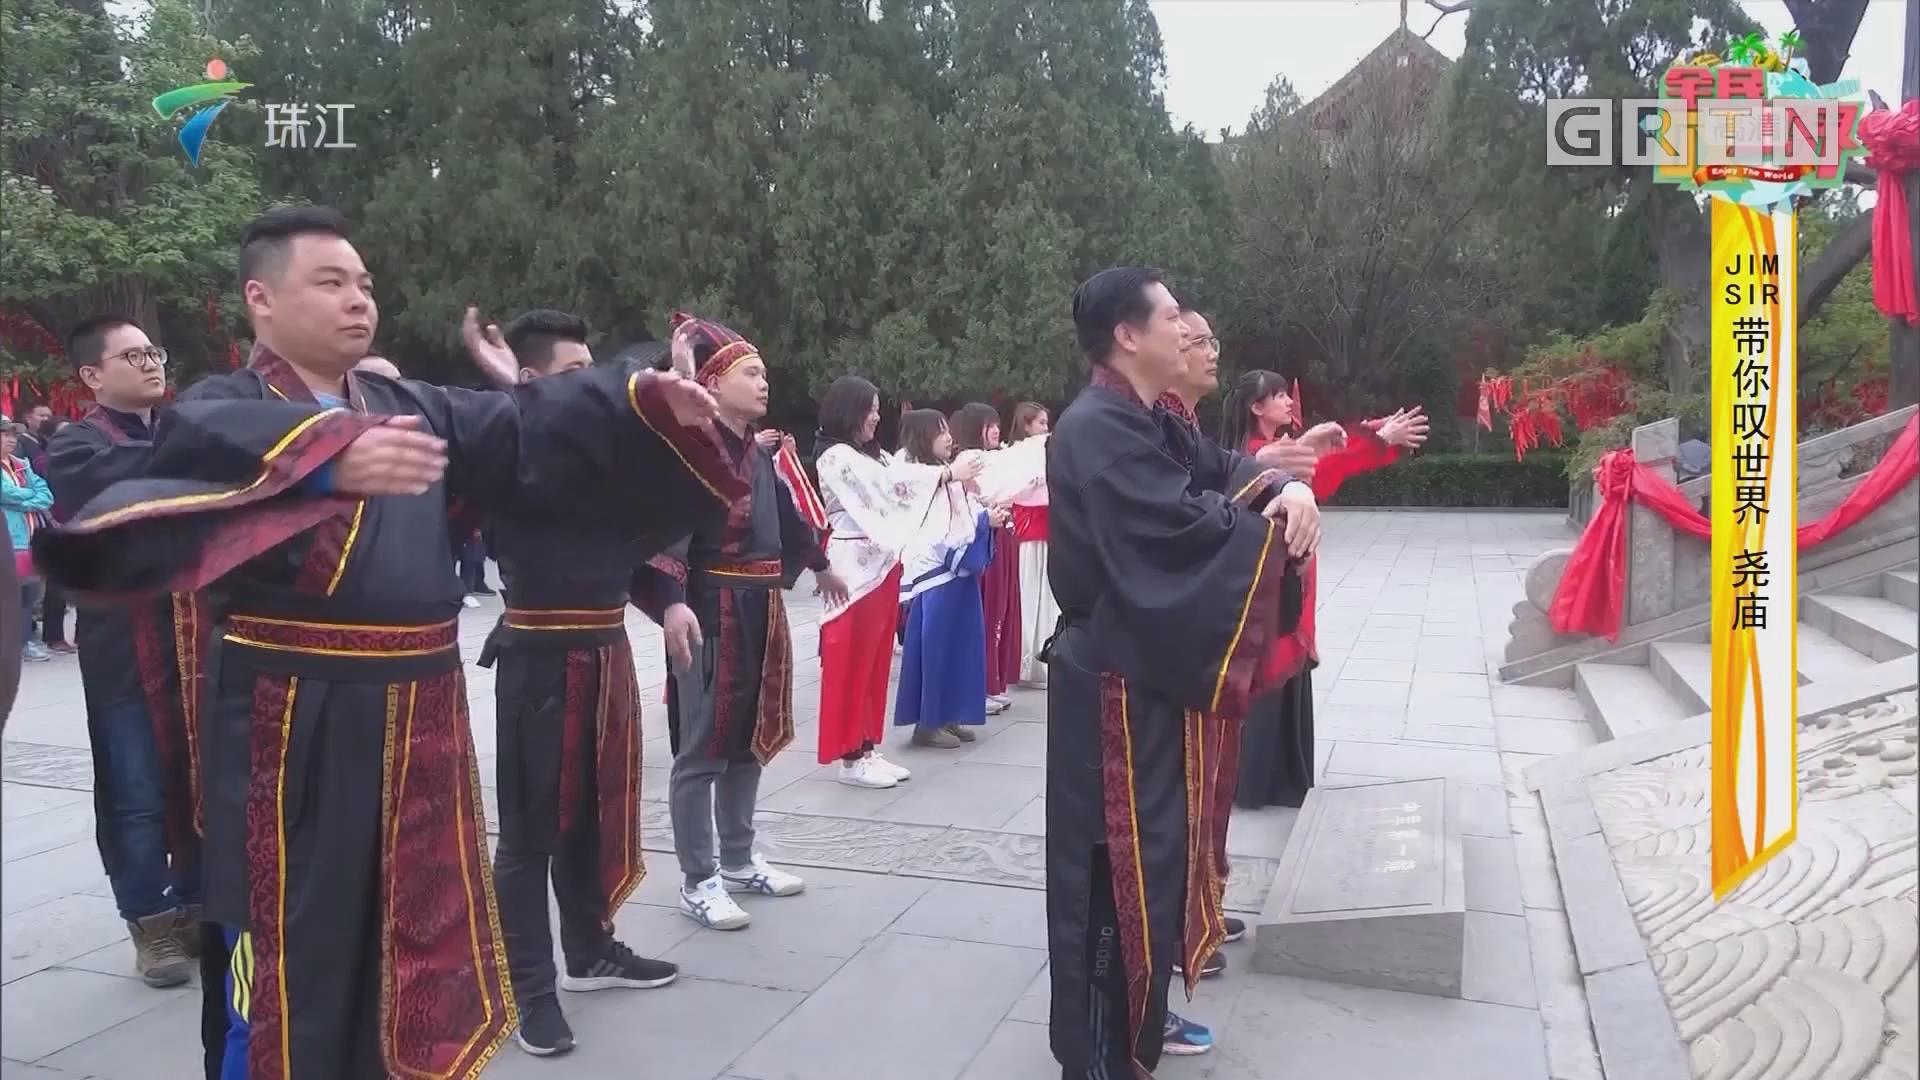 [HD][2019-05-03]全民叹世界:带你叹世界 华夏文明探索之旅